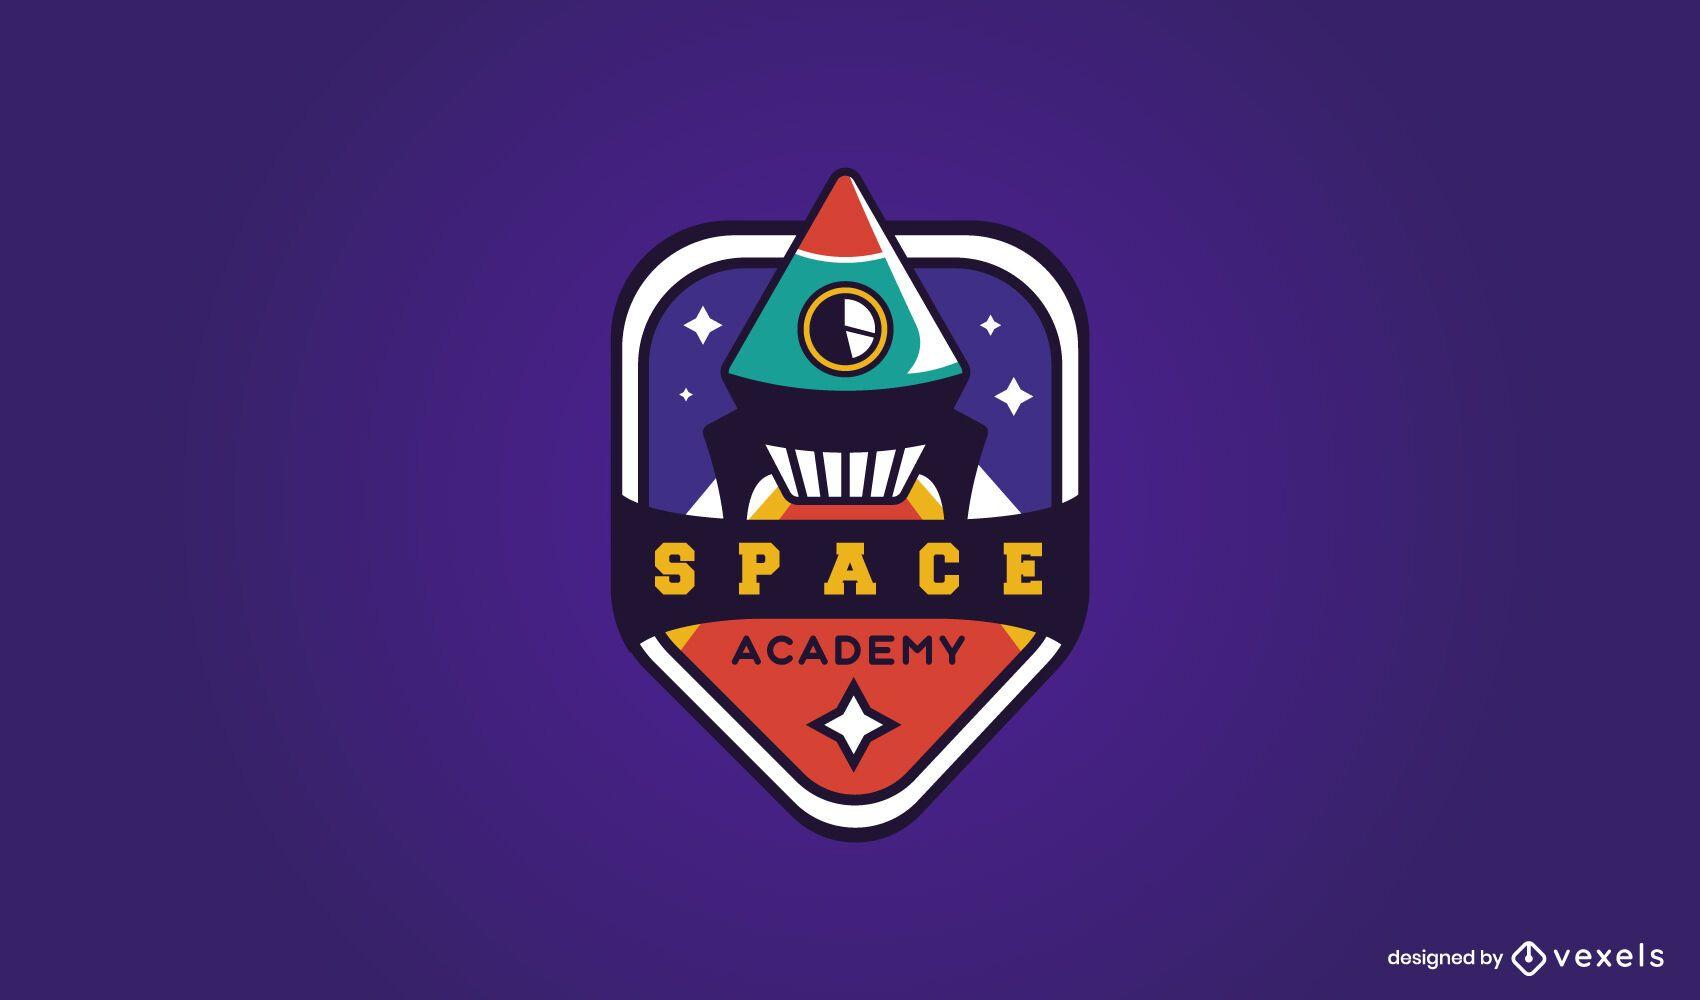 Diseño de logo de academia espacial